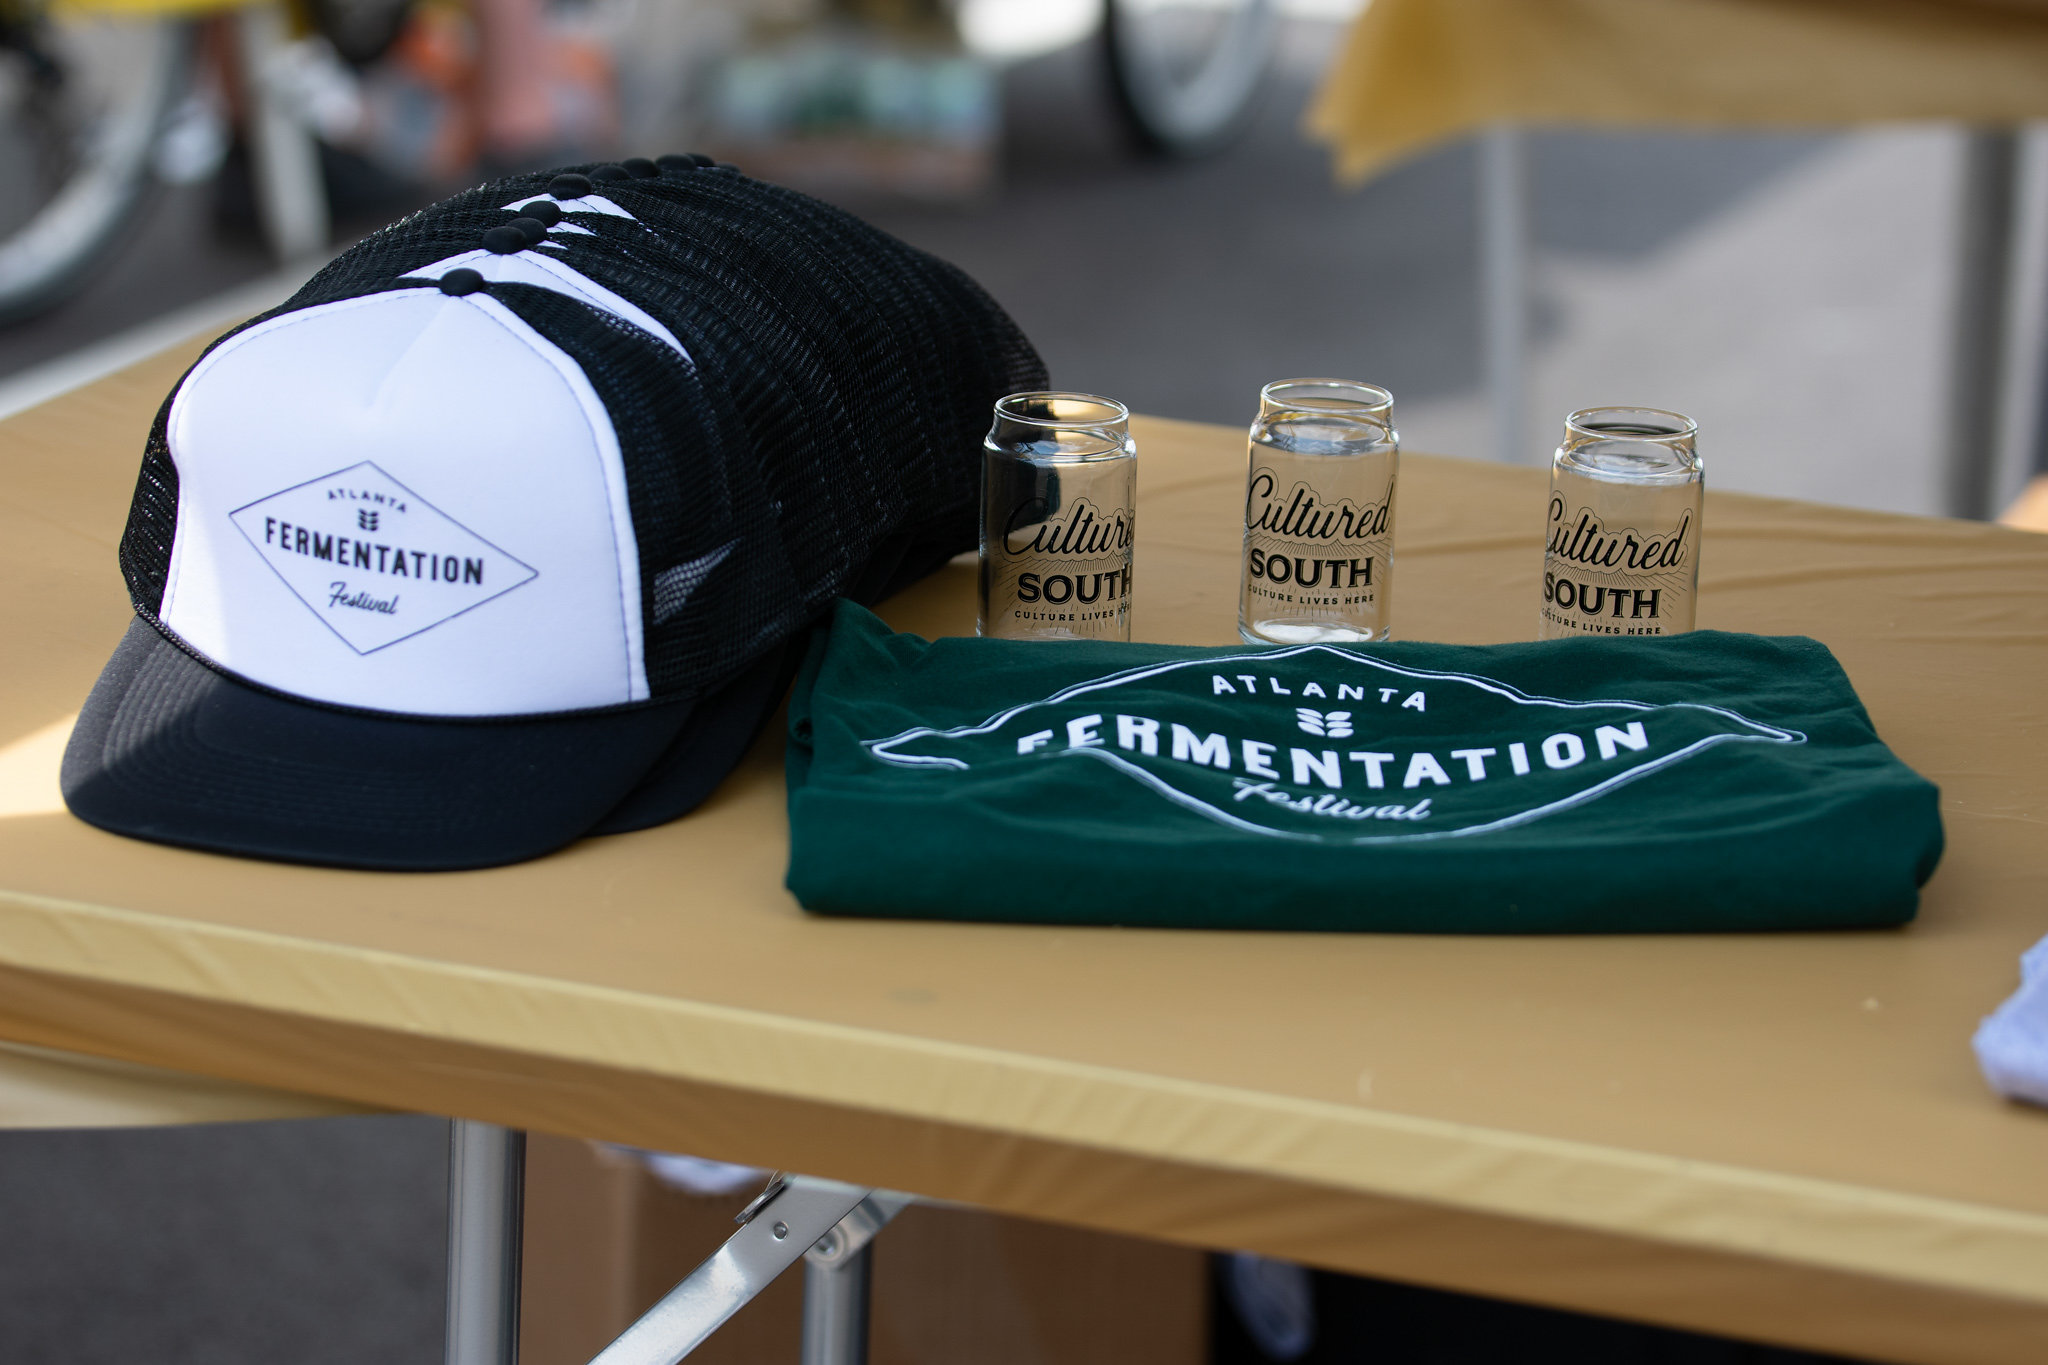 106-CulturedSouth_FermentationFest_052018_W_85.jpg.jpg